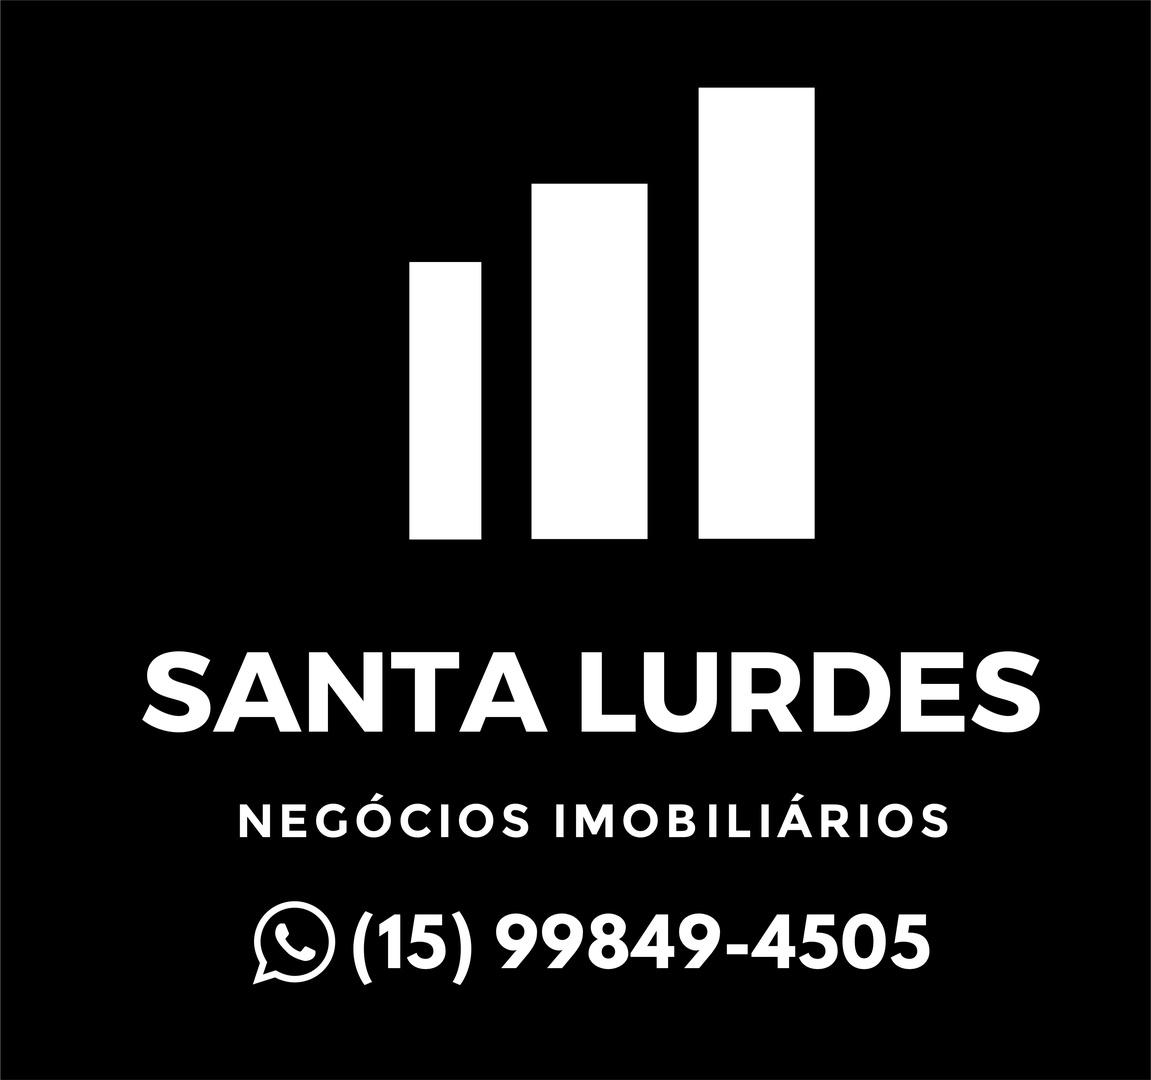 SANTA LURDES